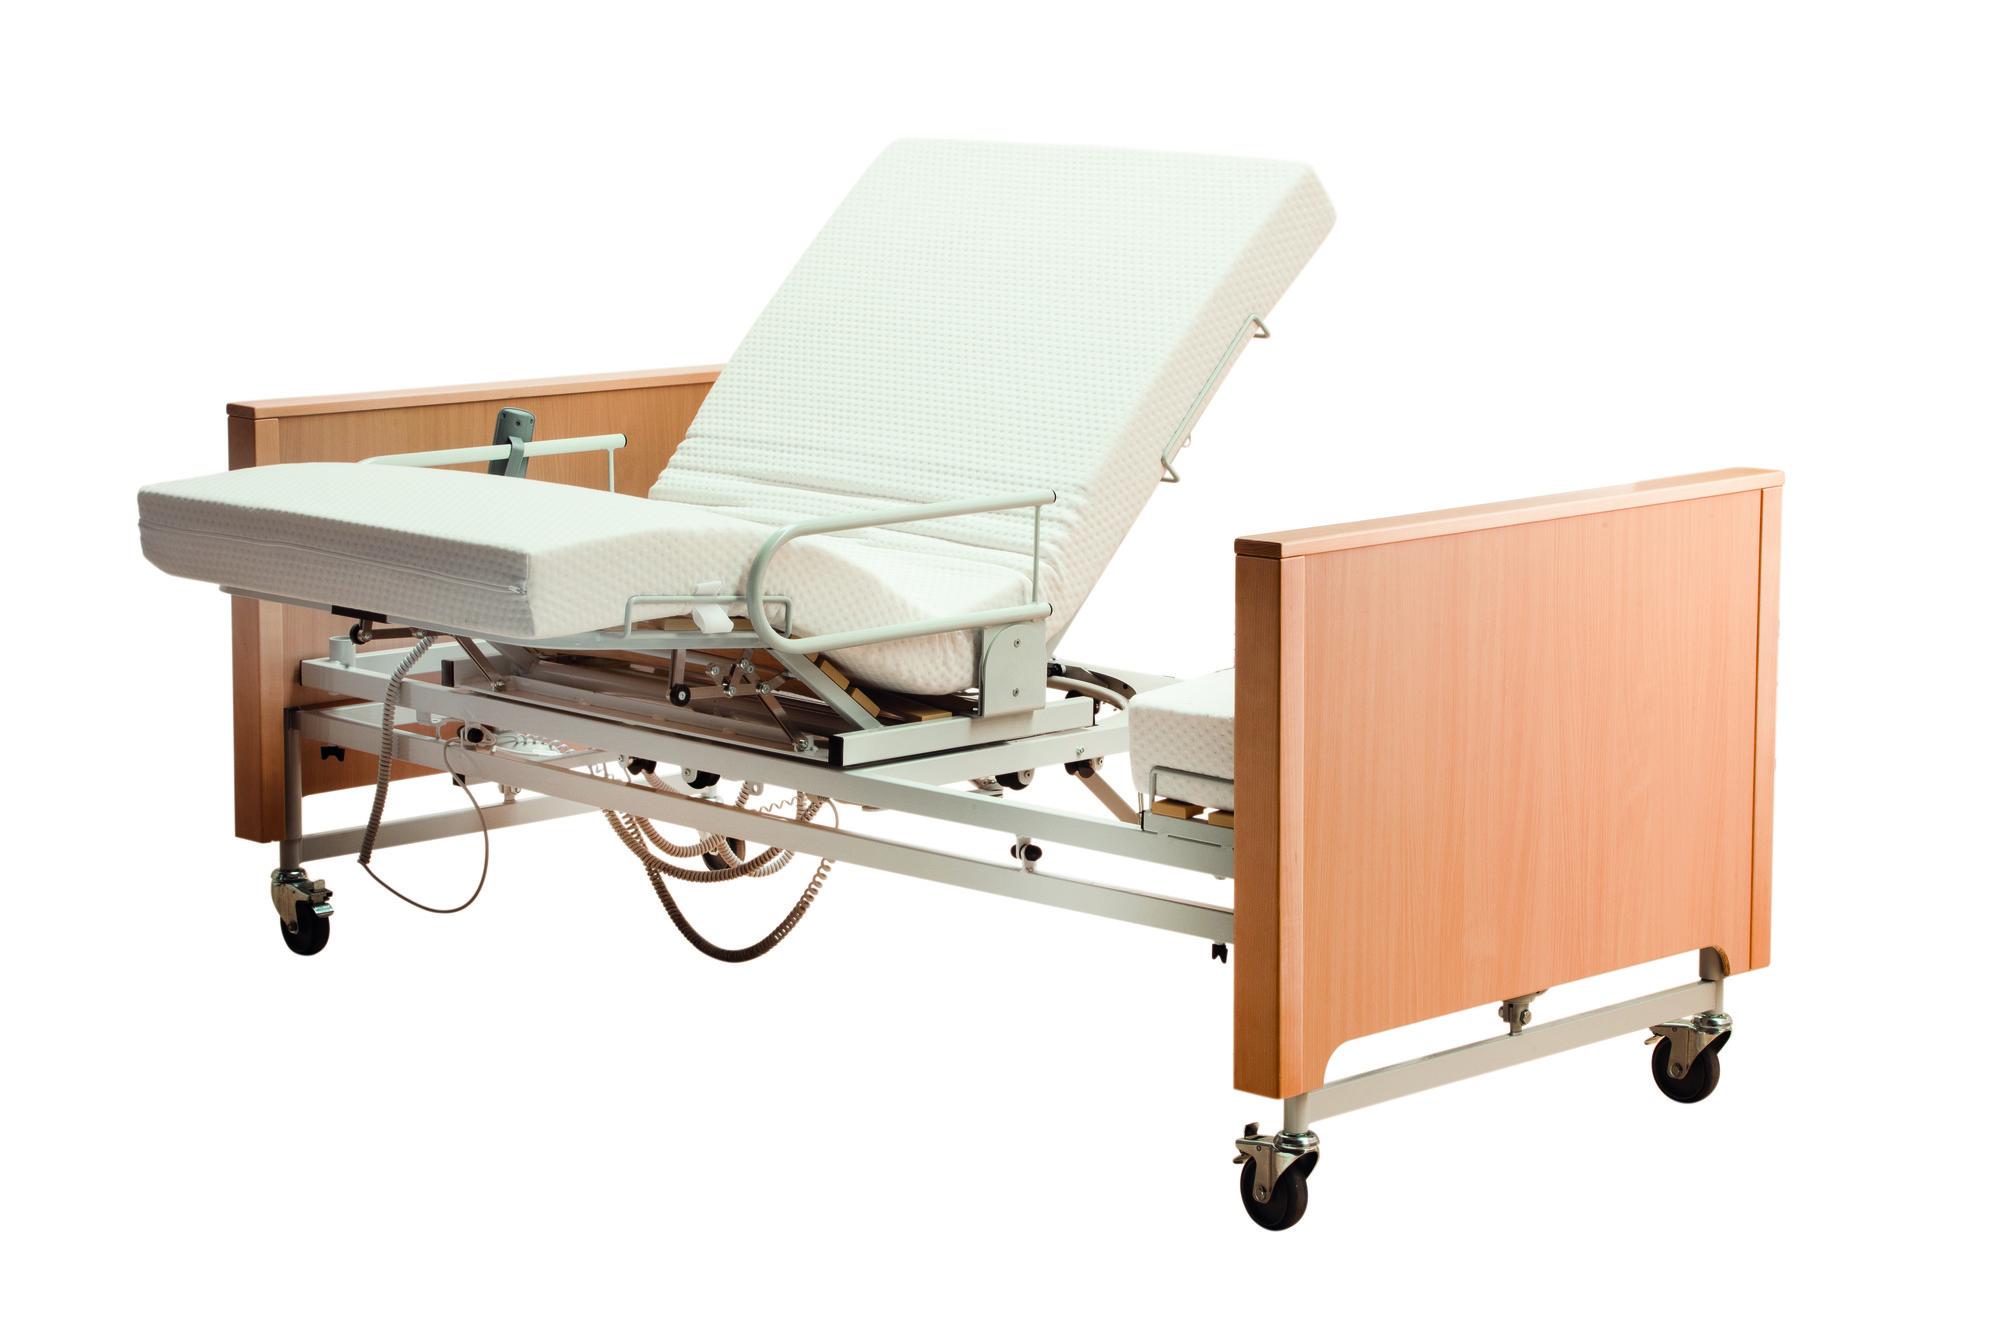 1550854163-care-produkte-pflegebett-sara_2.jpg